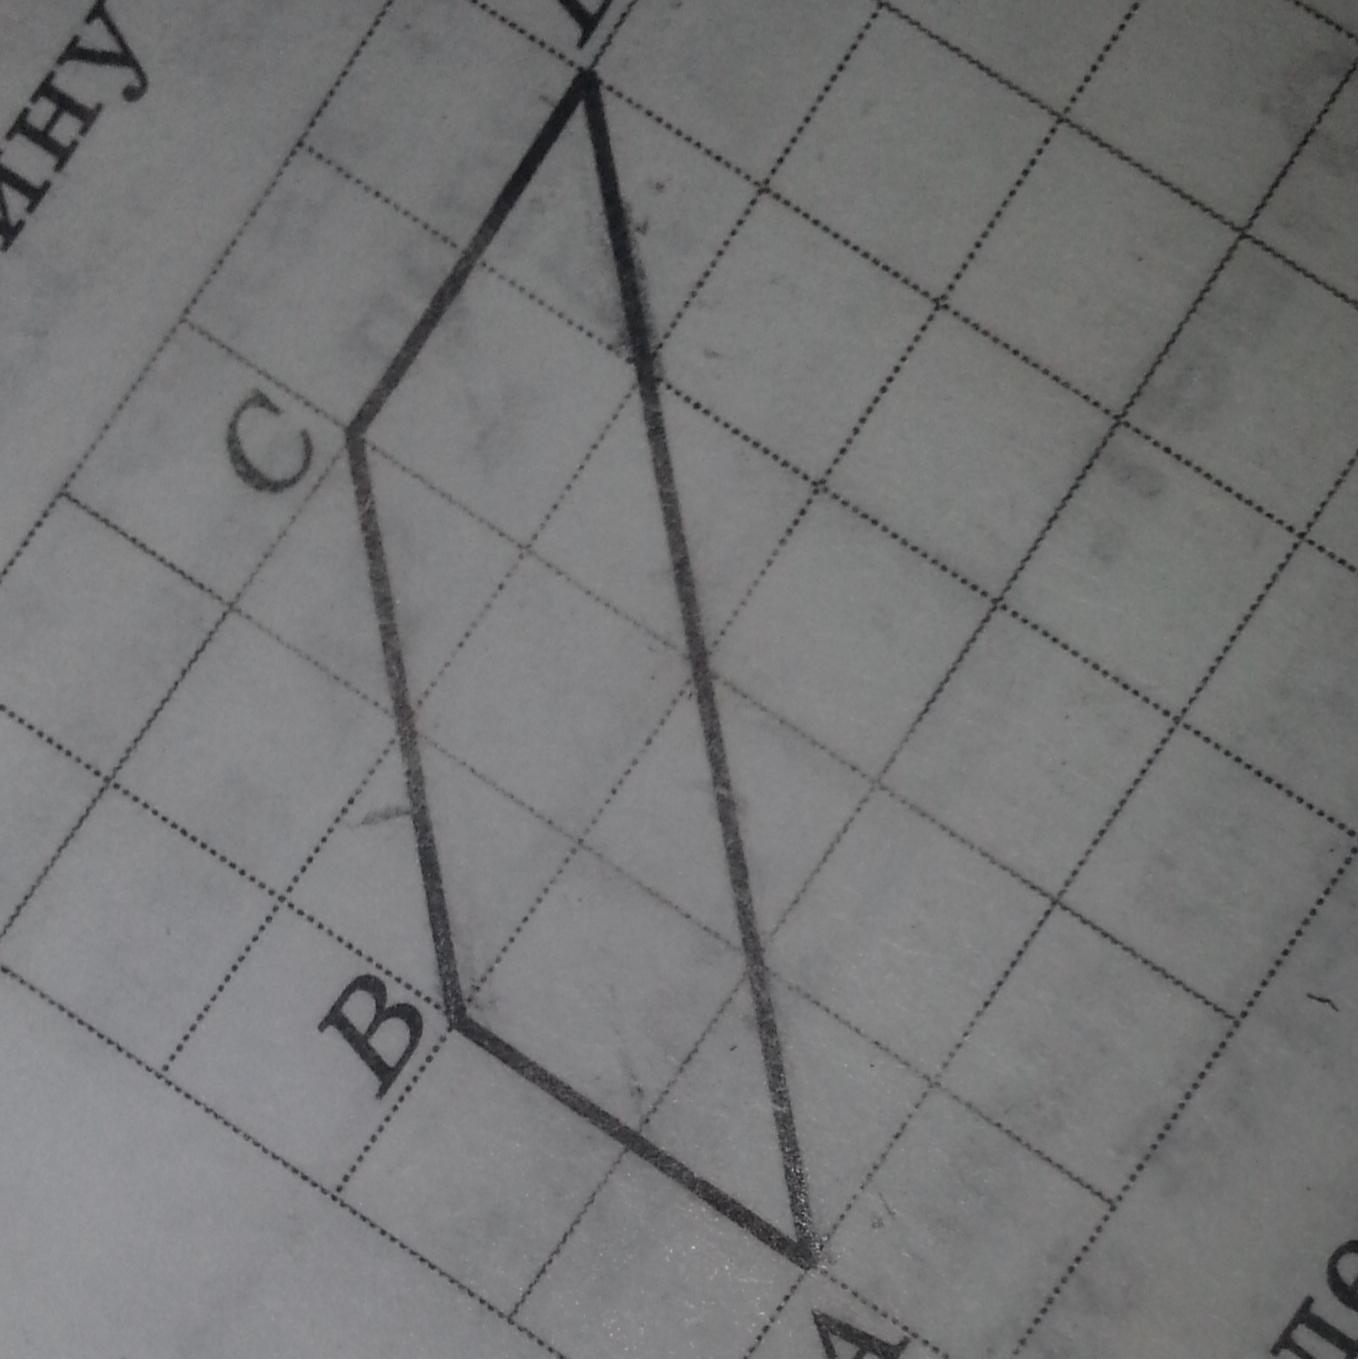 ДАЮ 25 баллов. ПОМОГИТЕ, пожалуйста, решить эту задачу.<br> На клетчатой бумаге с размером клетки ко